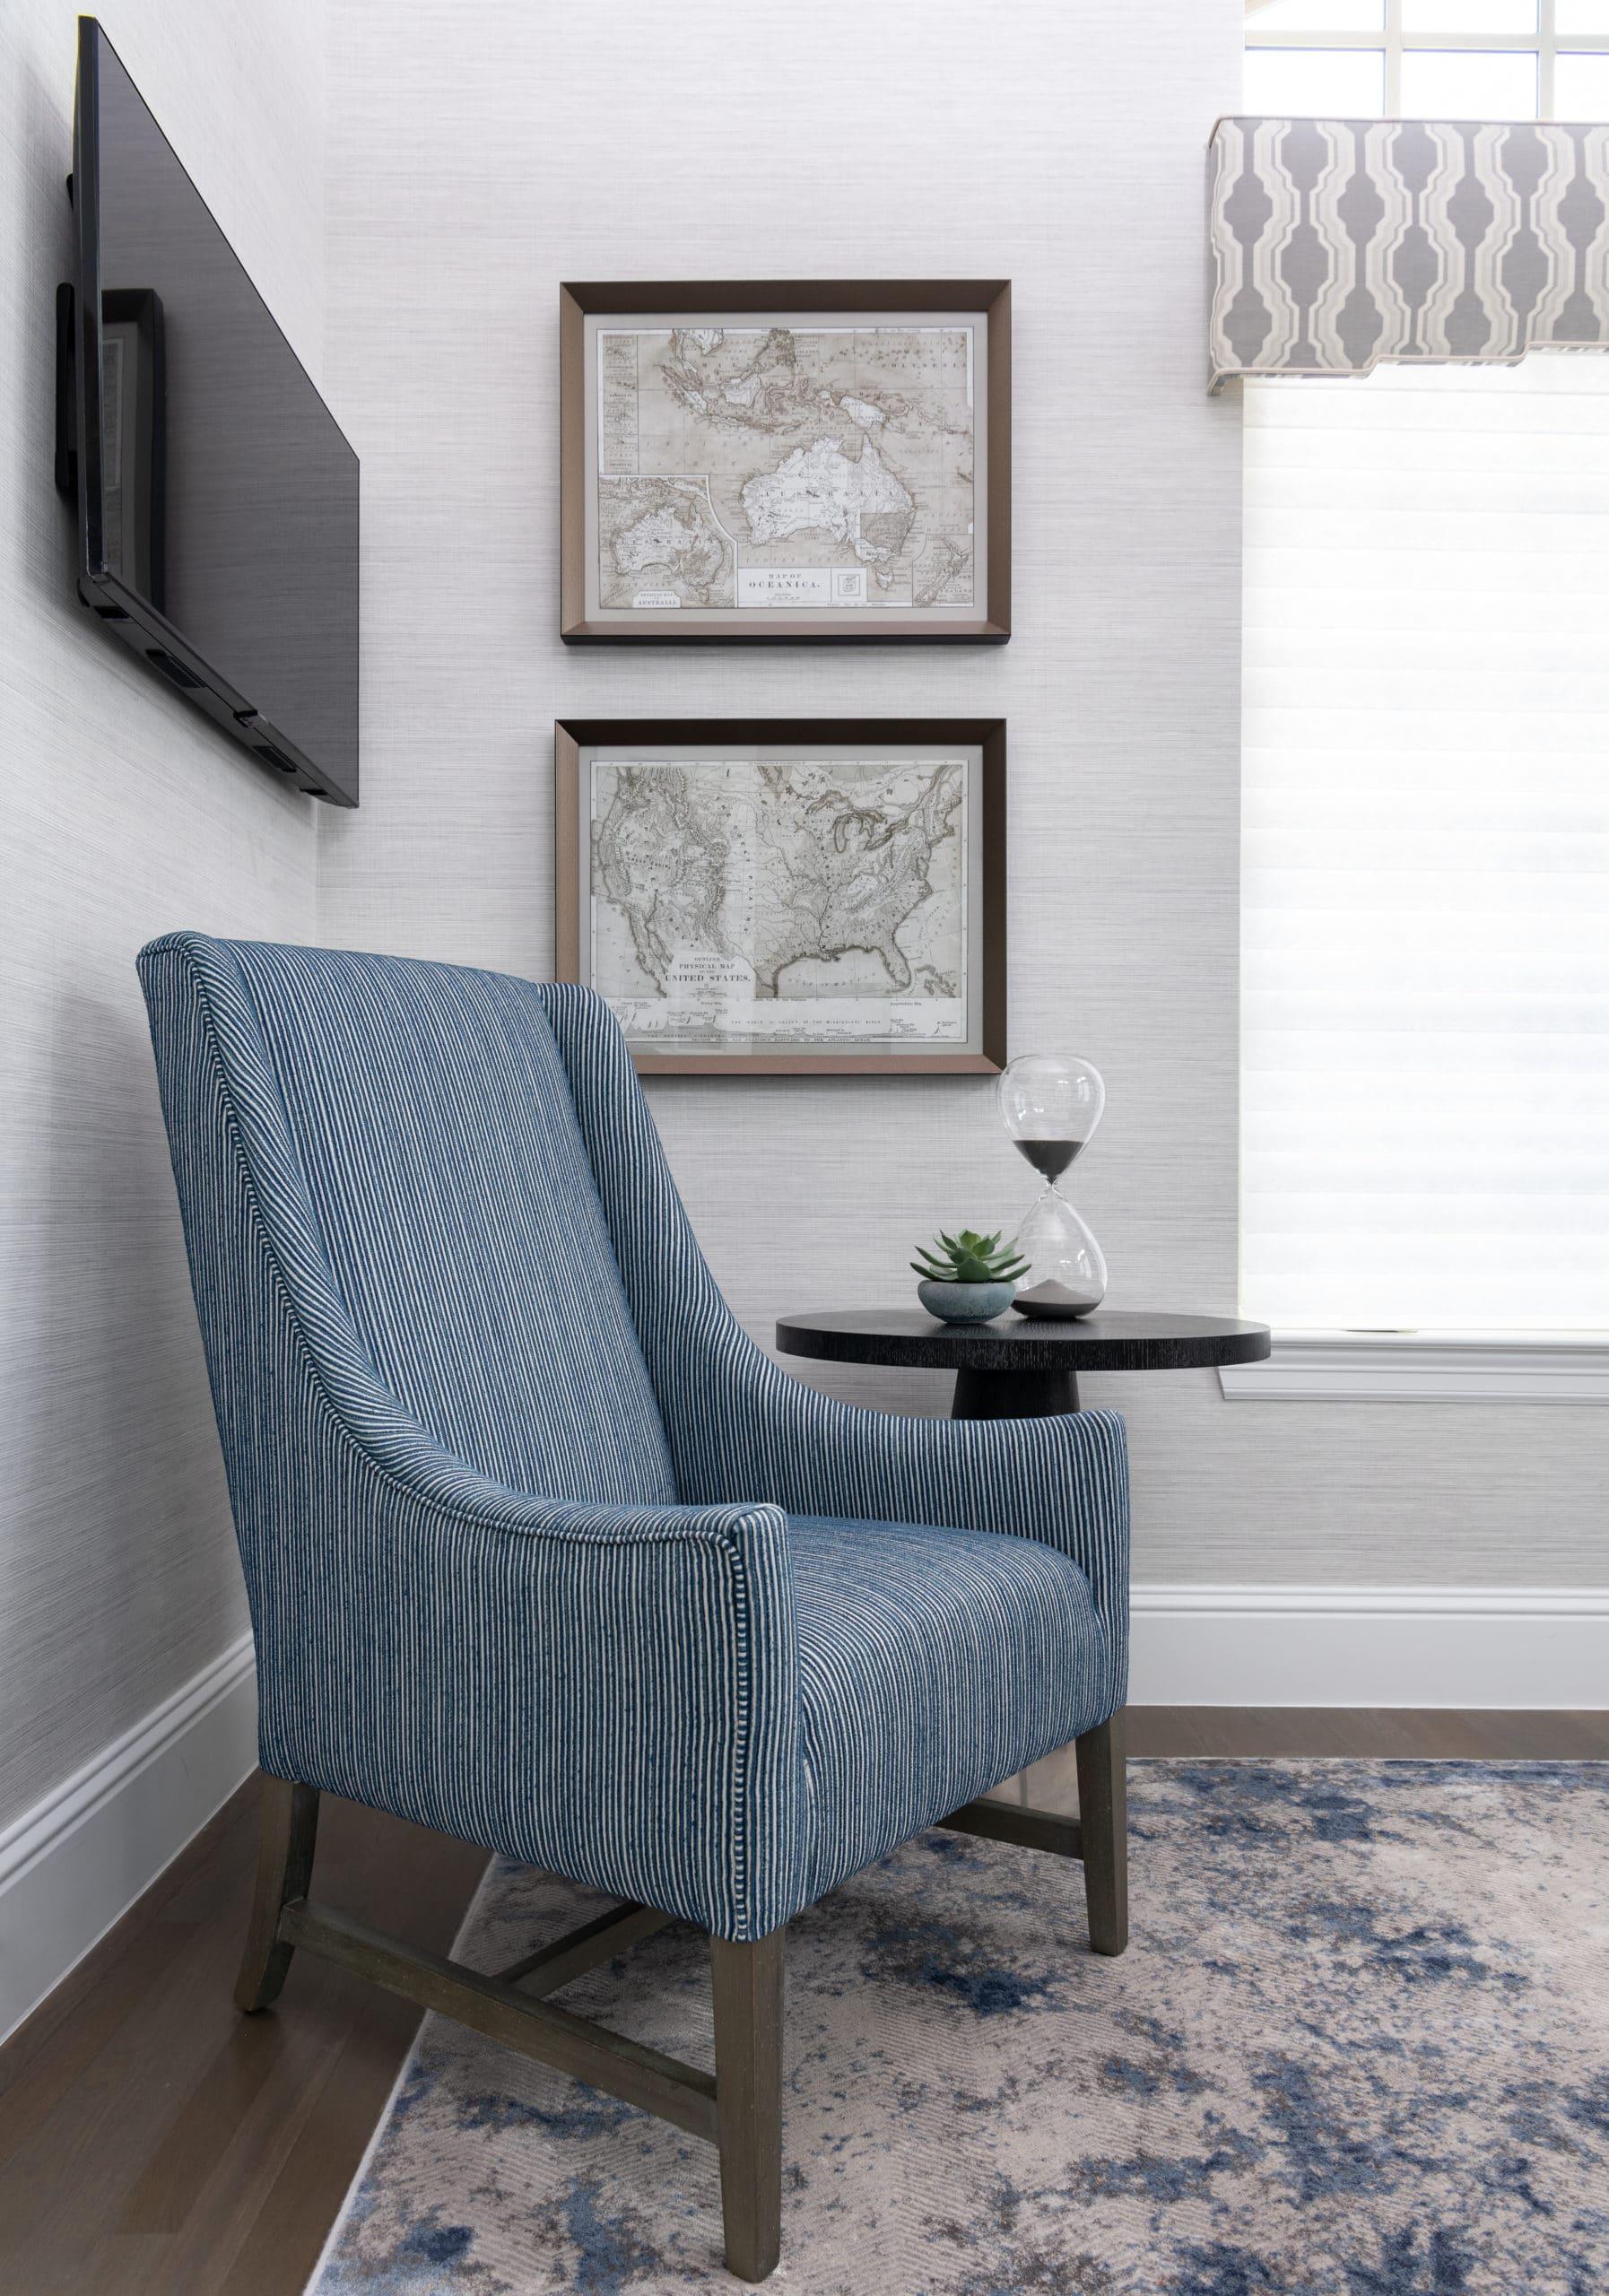 Khan, Study Ideas, Best Dallas Designers, Dallas Interior Designers, Dallas Interior Decorators, Home Decorators in Dallas TX